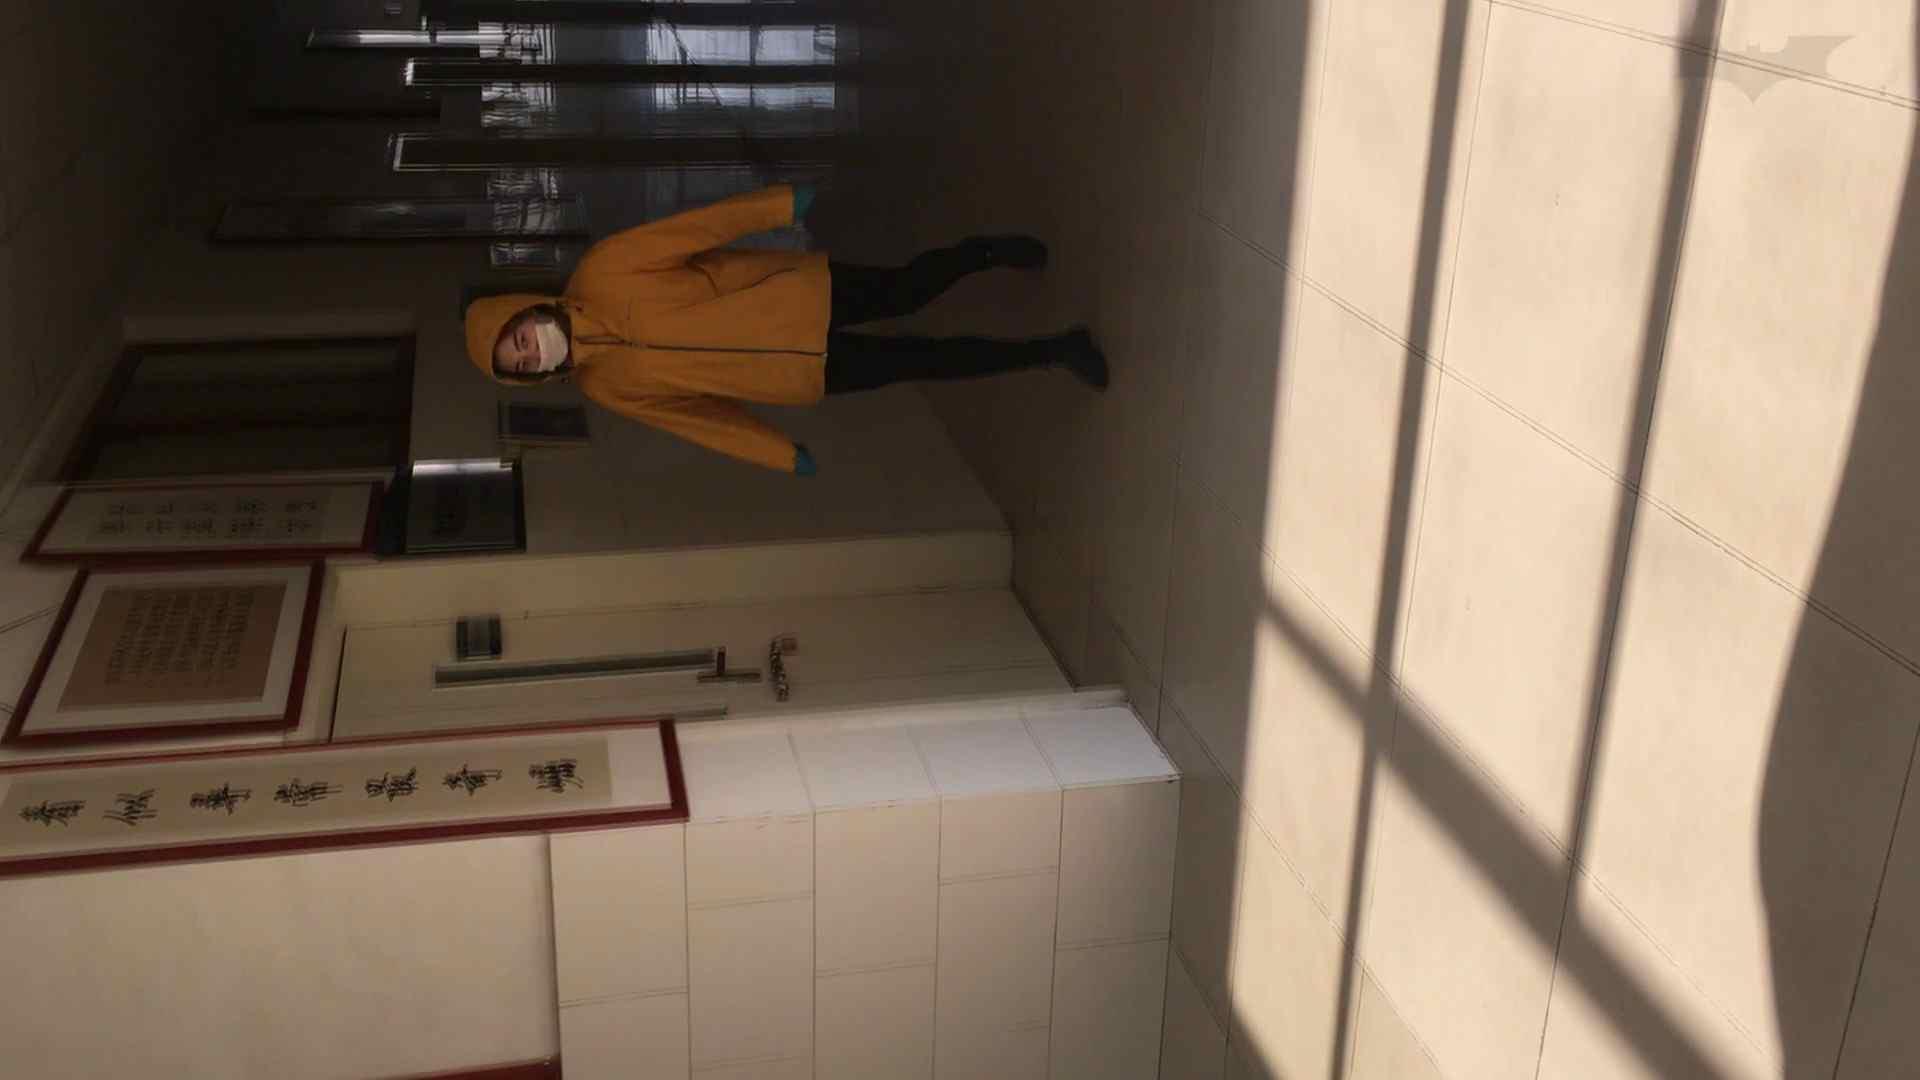 芸術大学ガチ潜入盗撮 JD盗撮 美女の洗面所の秘密 Vol.91 美肌 おまんこ無修正動画無料 85枚 14